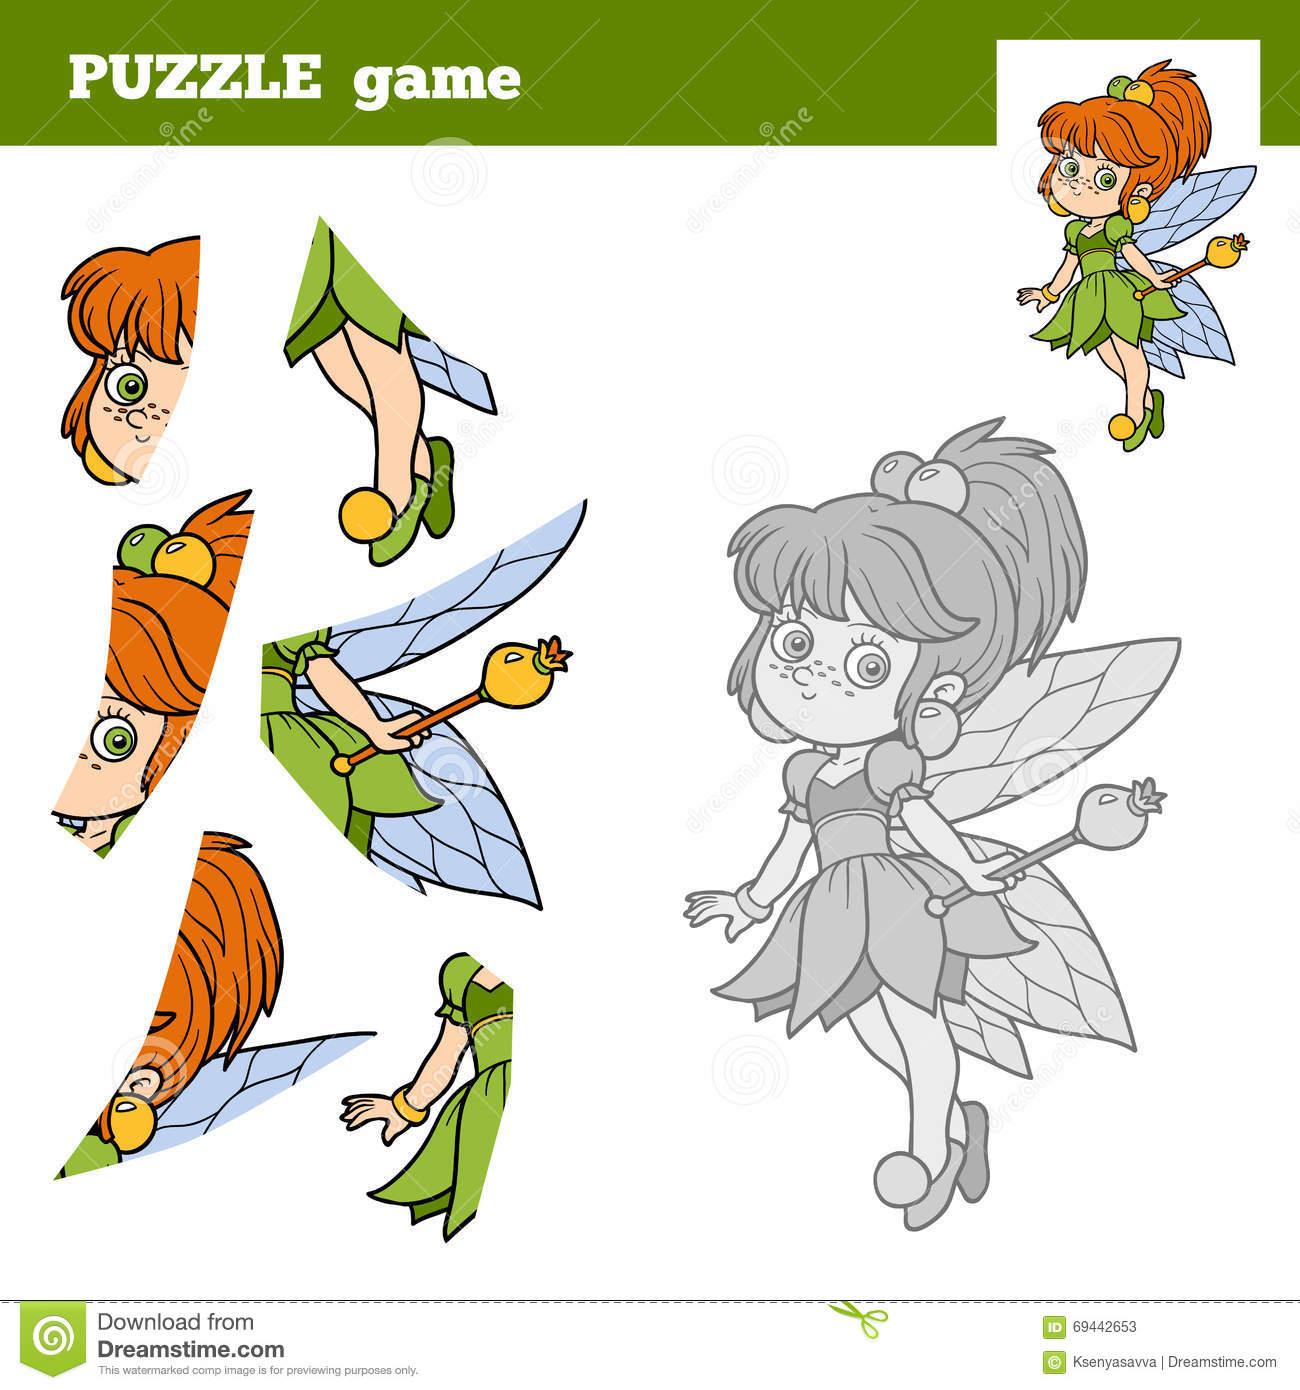 Jeux De Puzzle De Fee Telecharger | Denmonasse.ml dedans Puzzle Gratuit Enfant